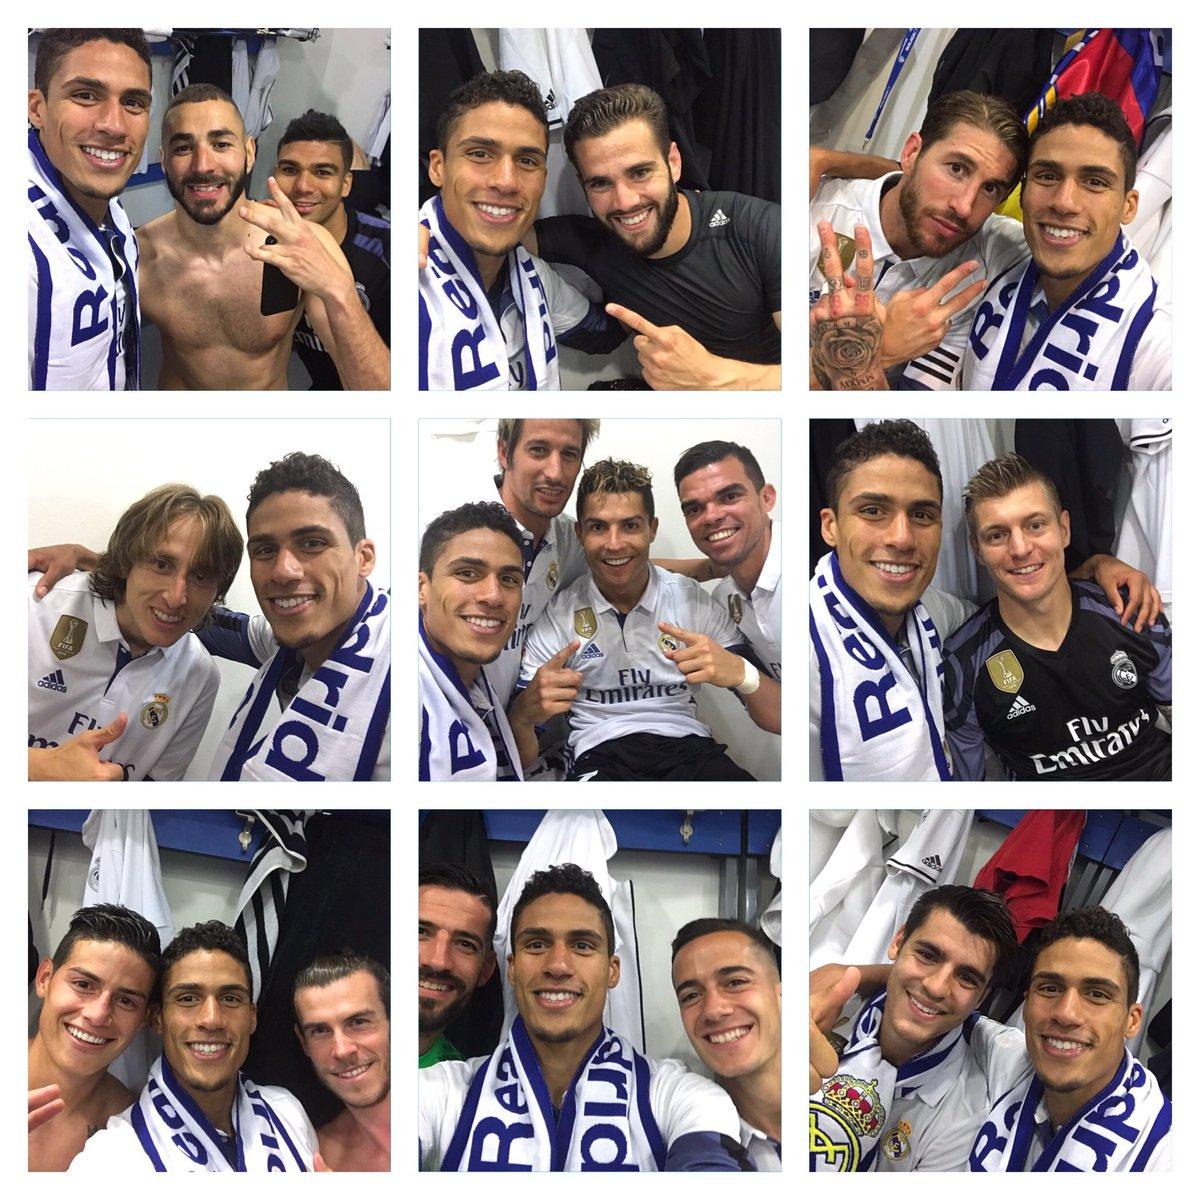 😄 Selfie Time 📸🔥 !!! #Champions 🇪🇸🏆⚽ #33Ligas #HalaMadrid @realmadrid